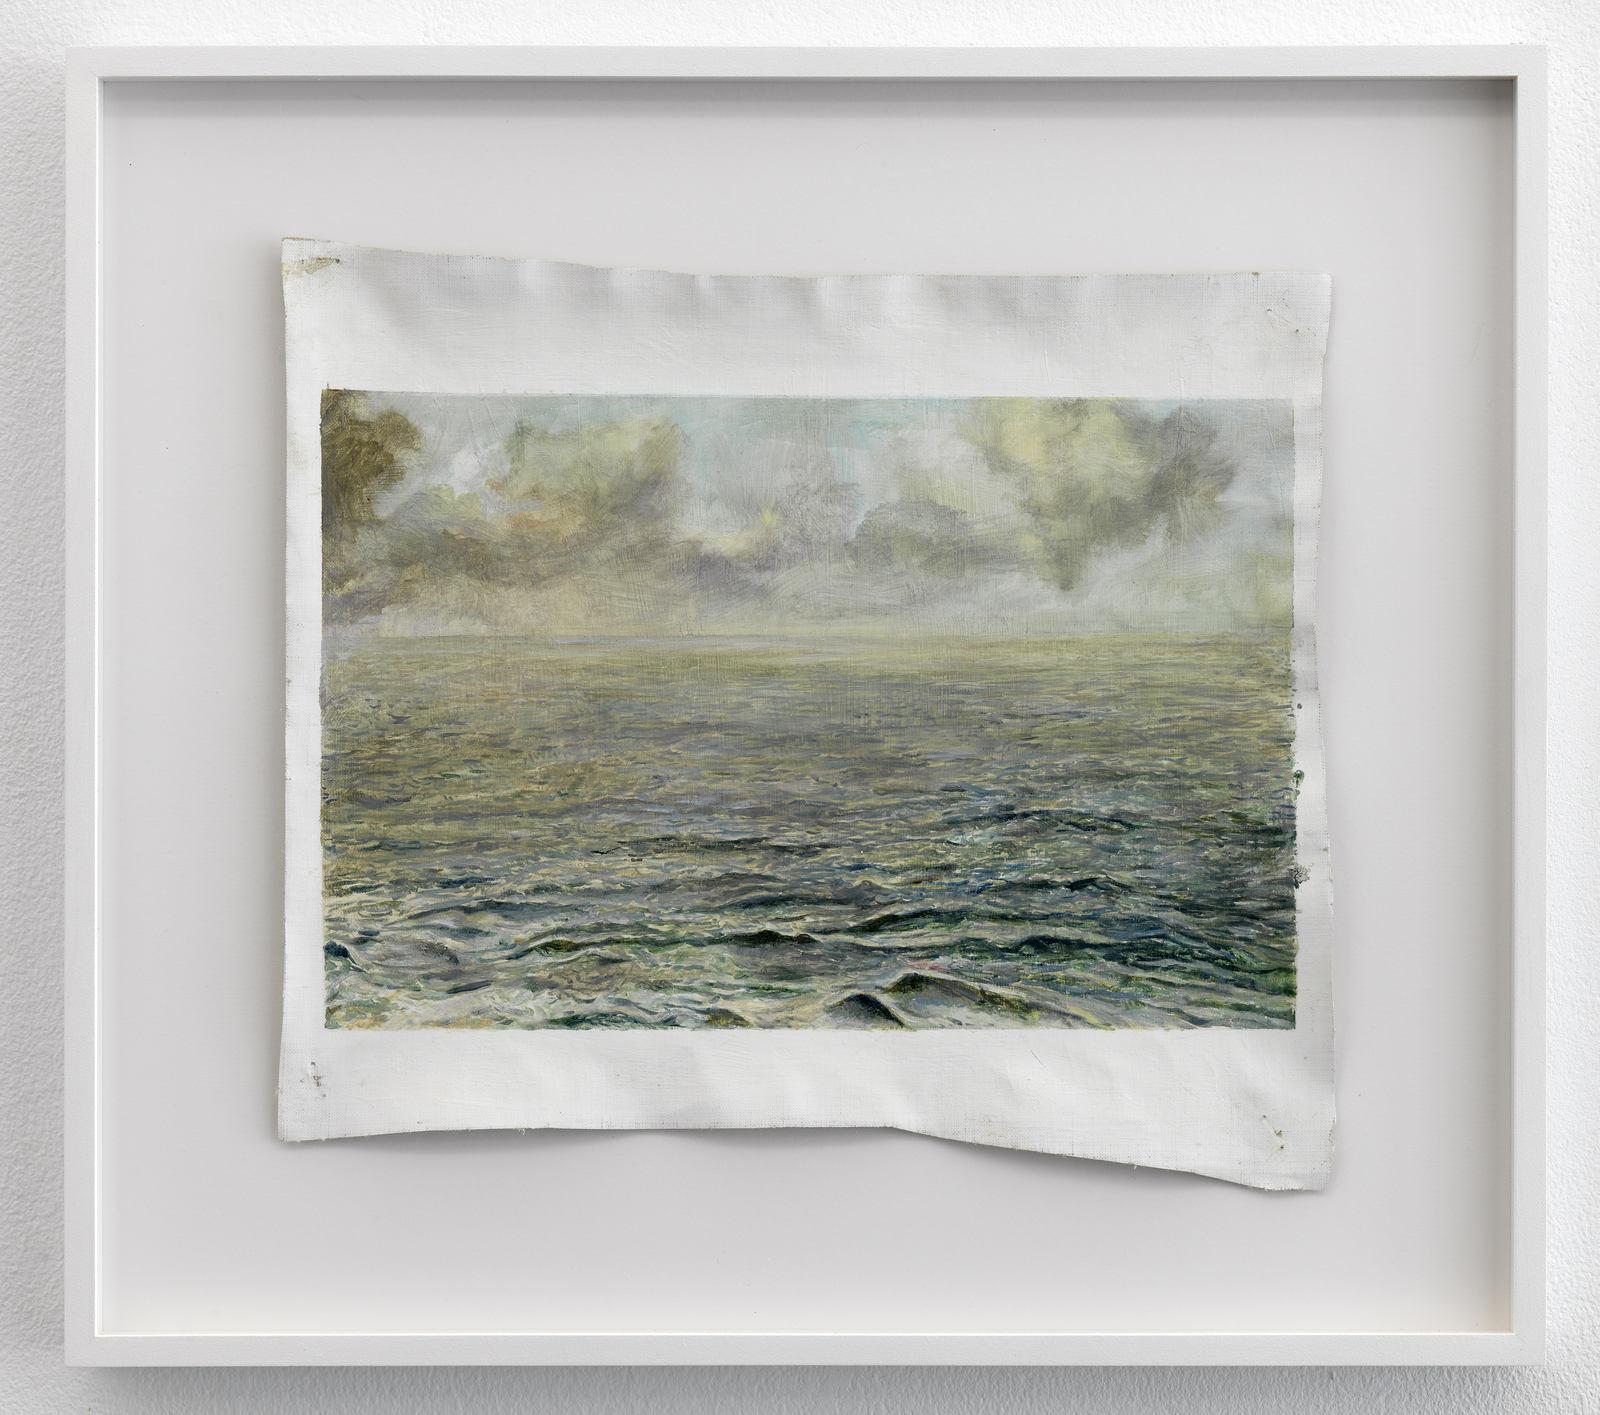 Femmy Otten, Eyes on the Horizon, no. 2, 2016, oil on canvas, framed, 38 x 42,5 cm